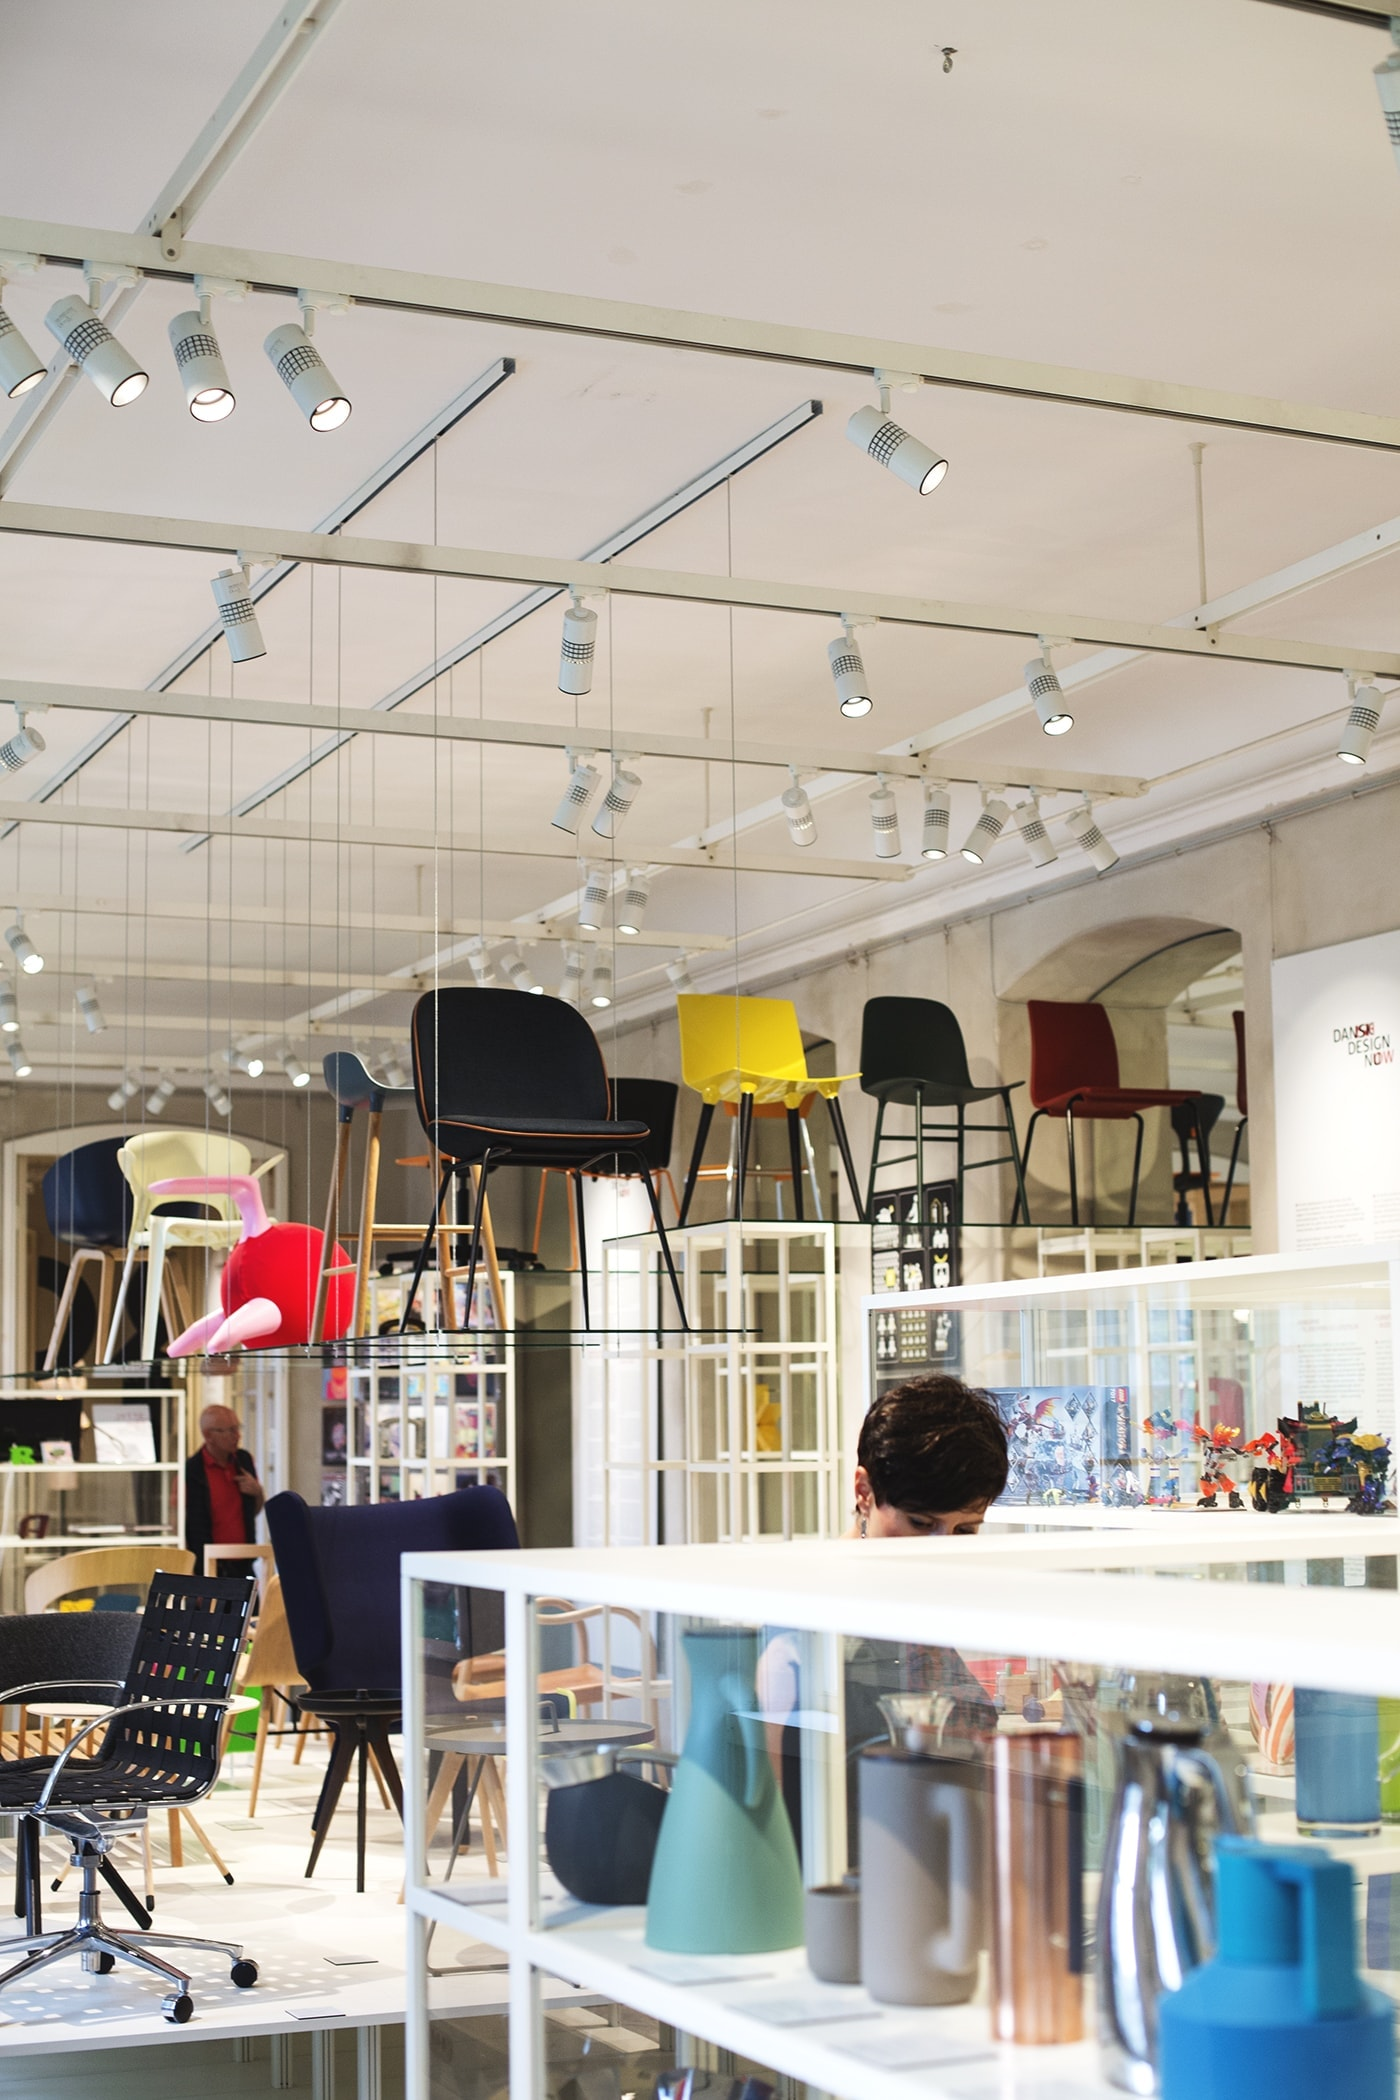 Copenhagen | wanderlust | design museum gallery